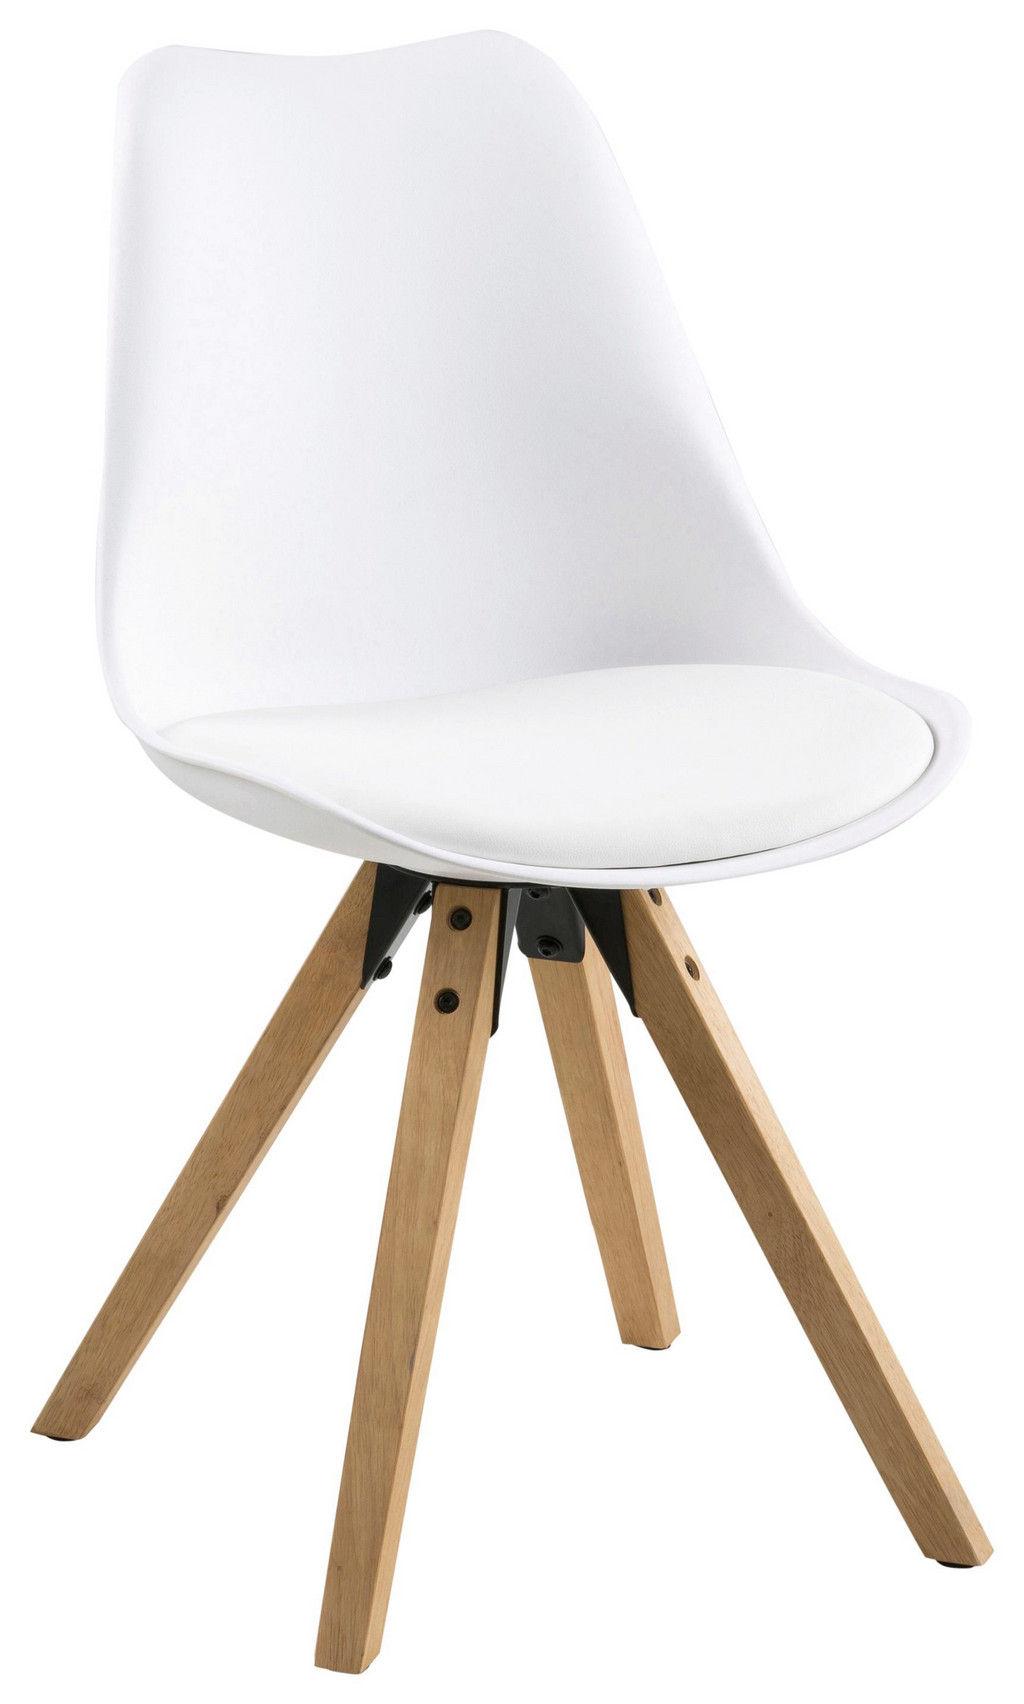 Großzügig Möbel Pallen Küchen Ideen - Wohnzimmer Dekoration Ideen ...